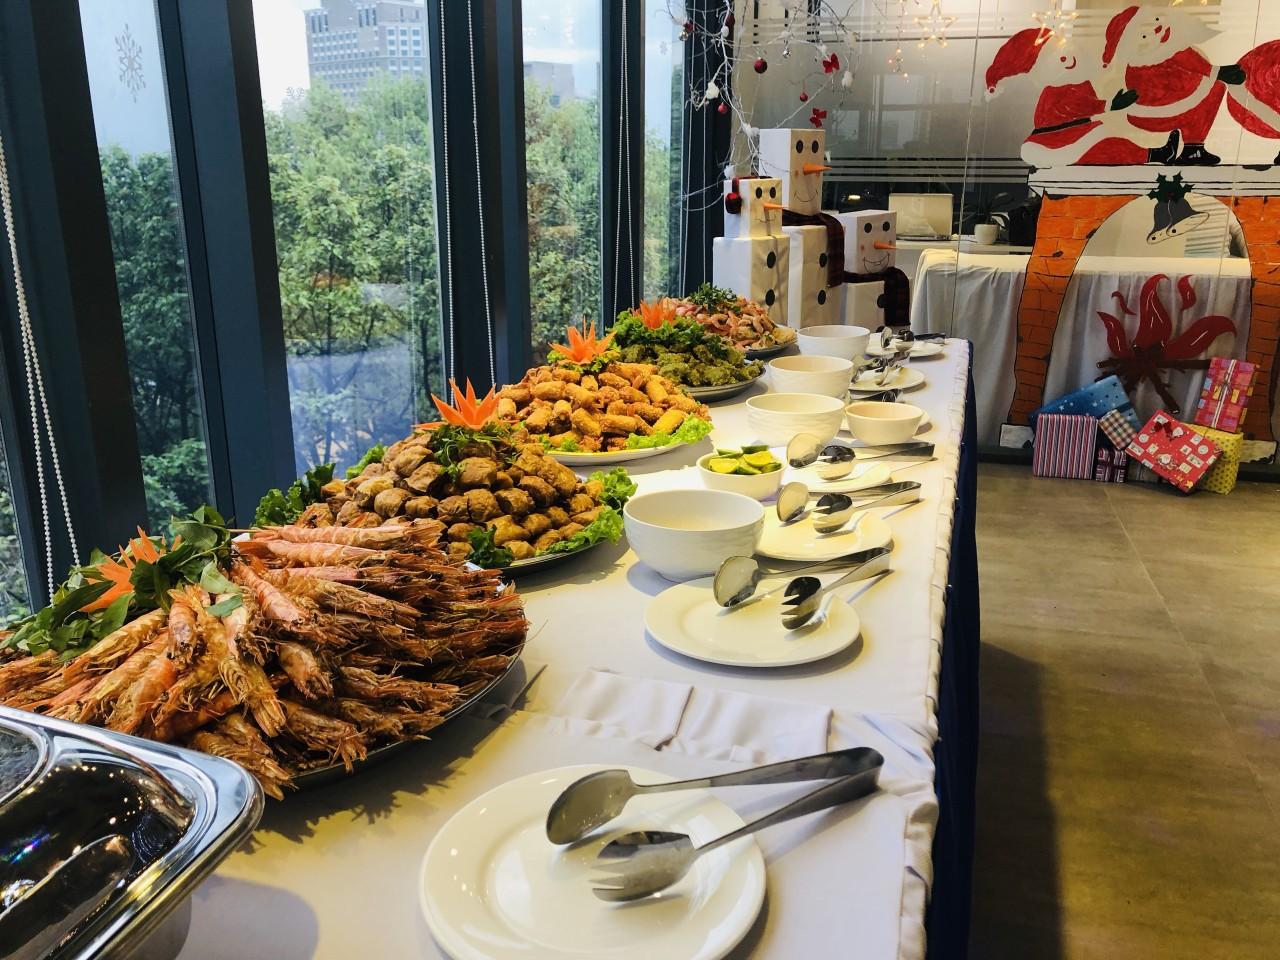 Đặc điểm của tiệc buffet